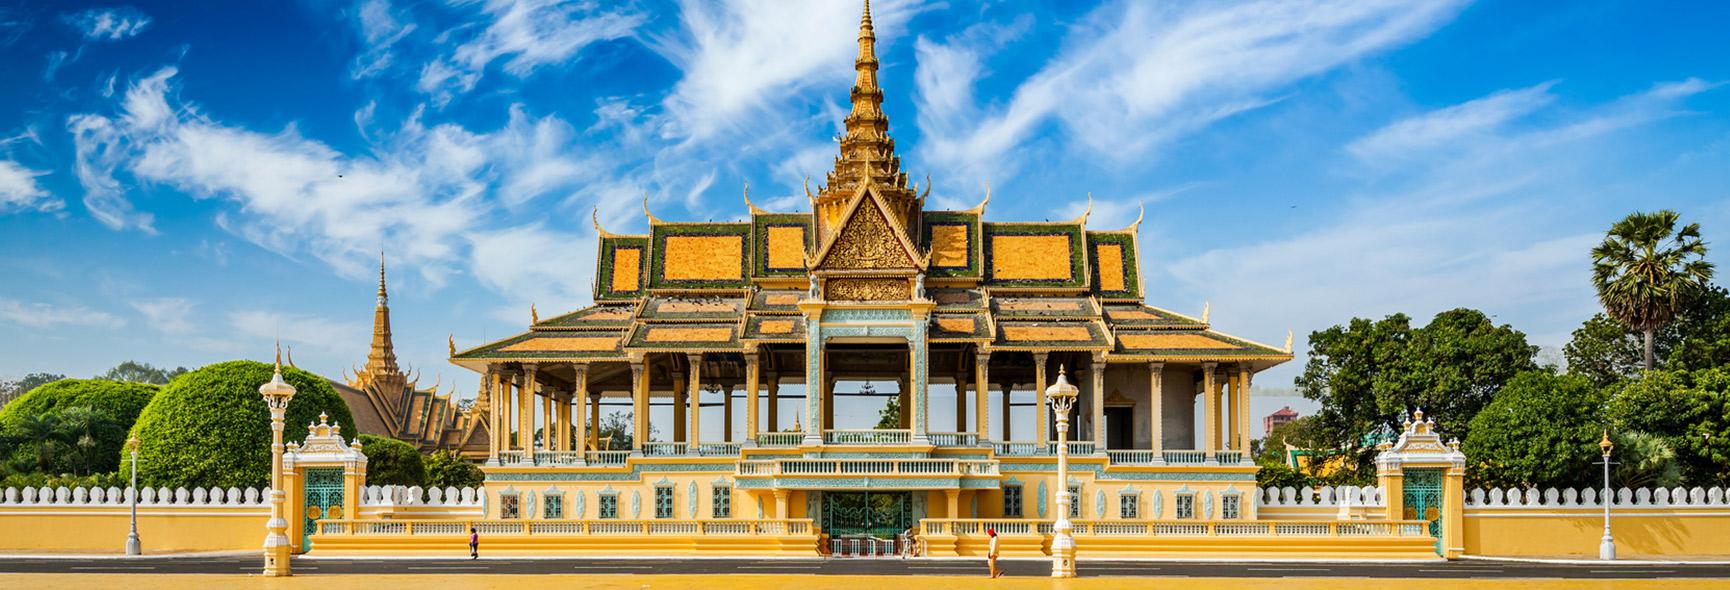 Phnom Penh site de rencontre ce qu'il faut attendre les premiers stades de la datation